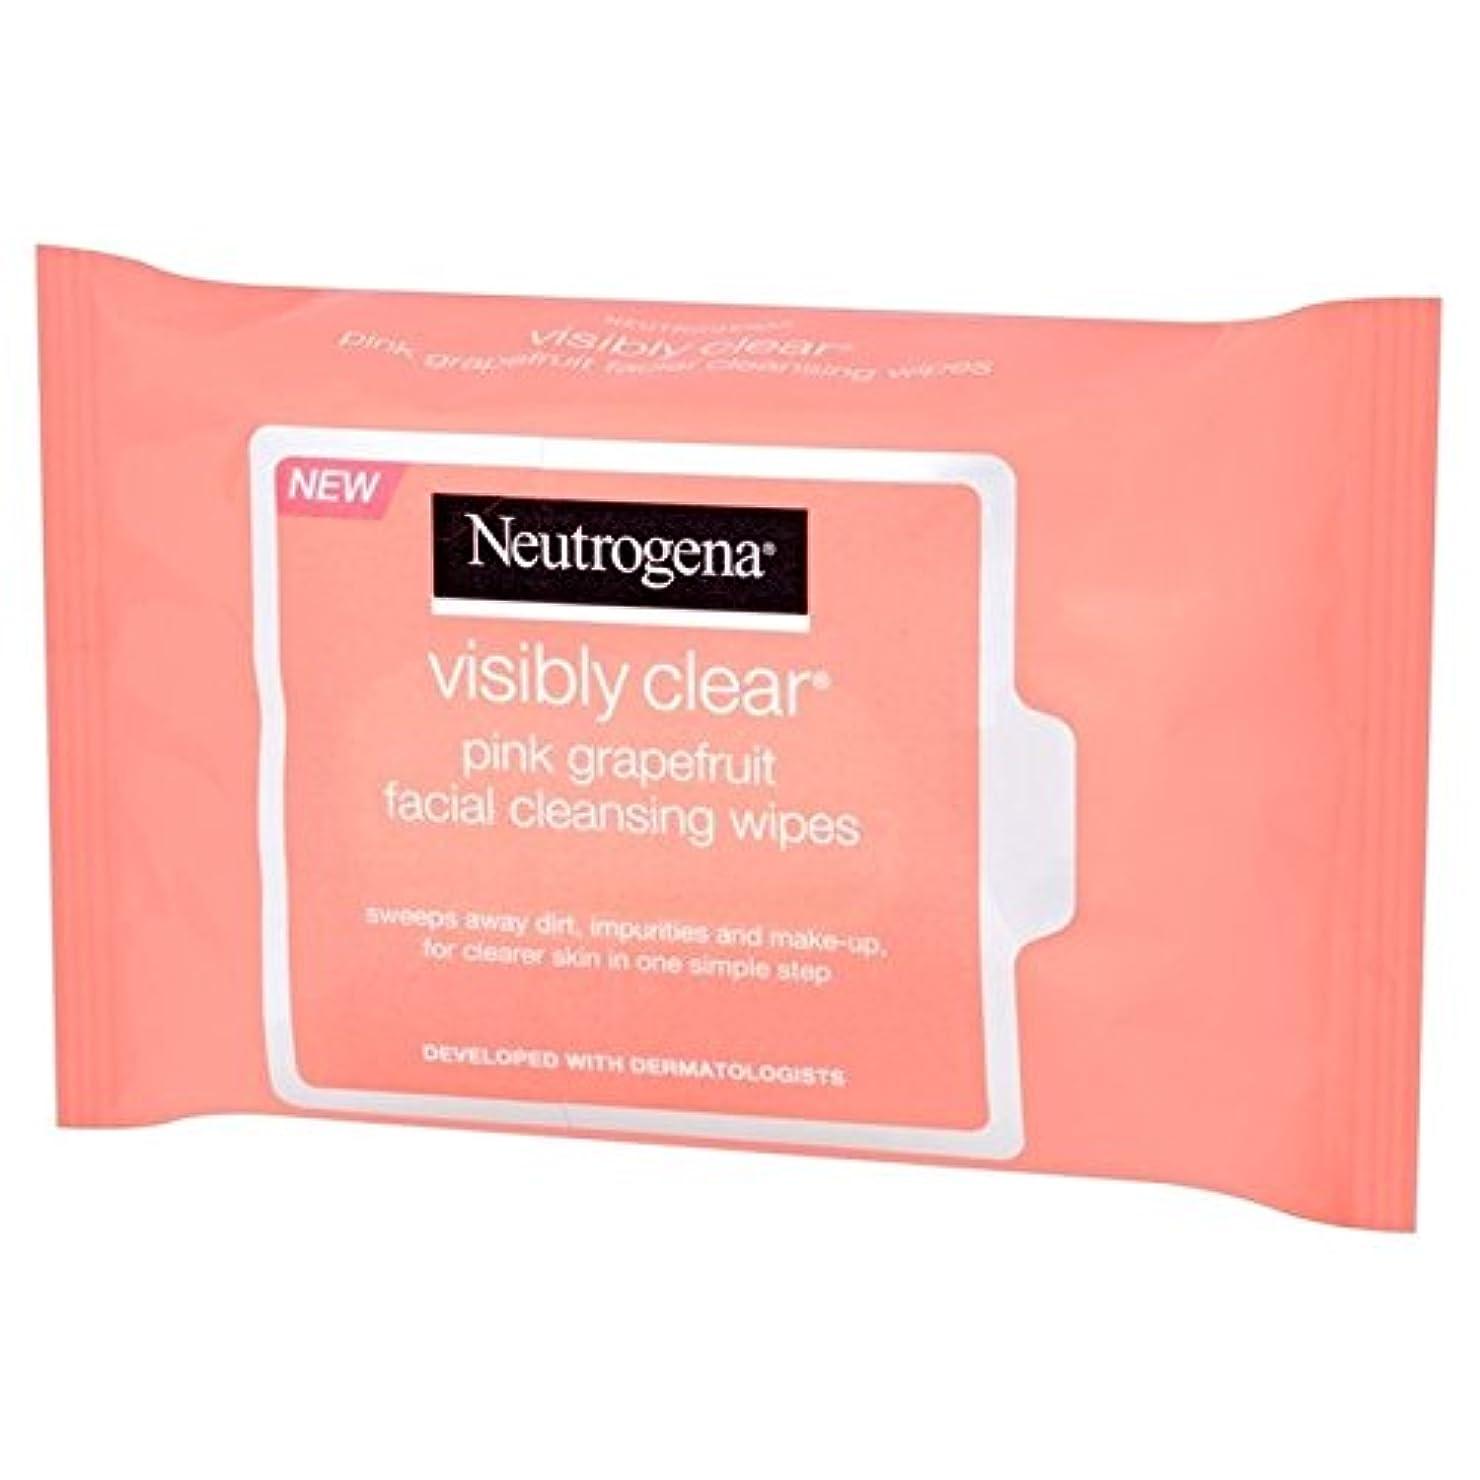 狂人最悪屋内Neutrogena Visibly Clear Pink Grapefruit Wipes 25 per pack (Pack of 6) - ニュートロジーナ目に見えて明らかピンクグレープフルーツは、パックごとに25...